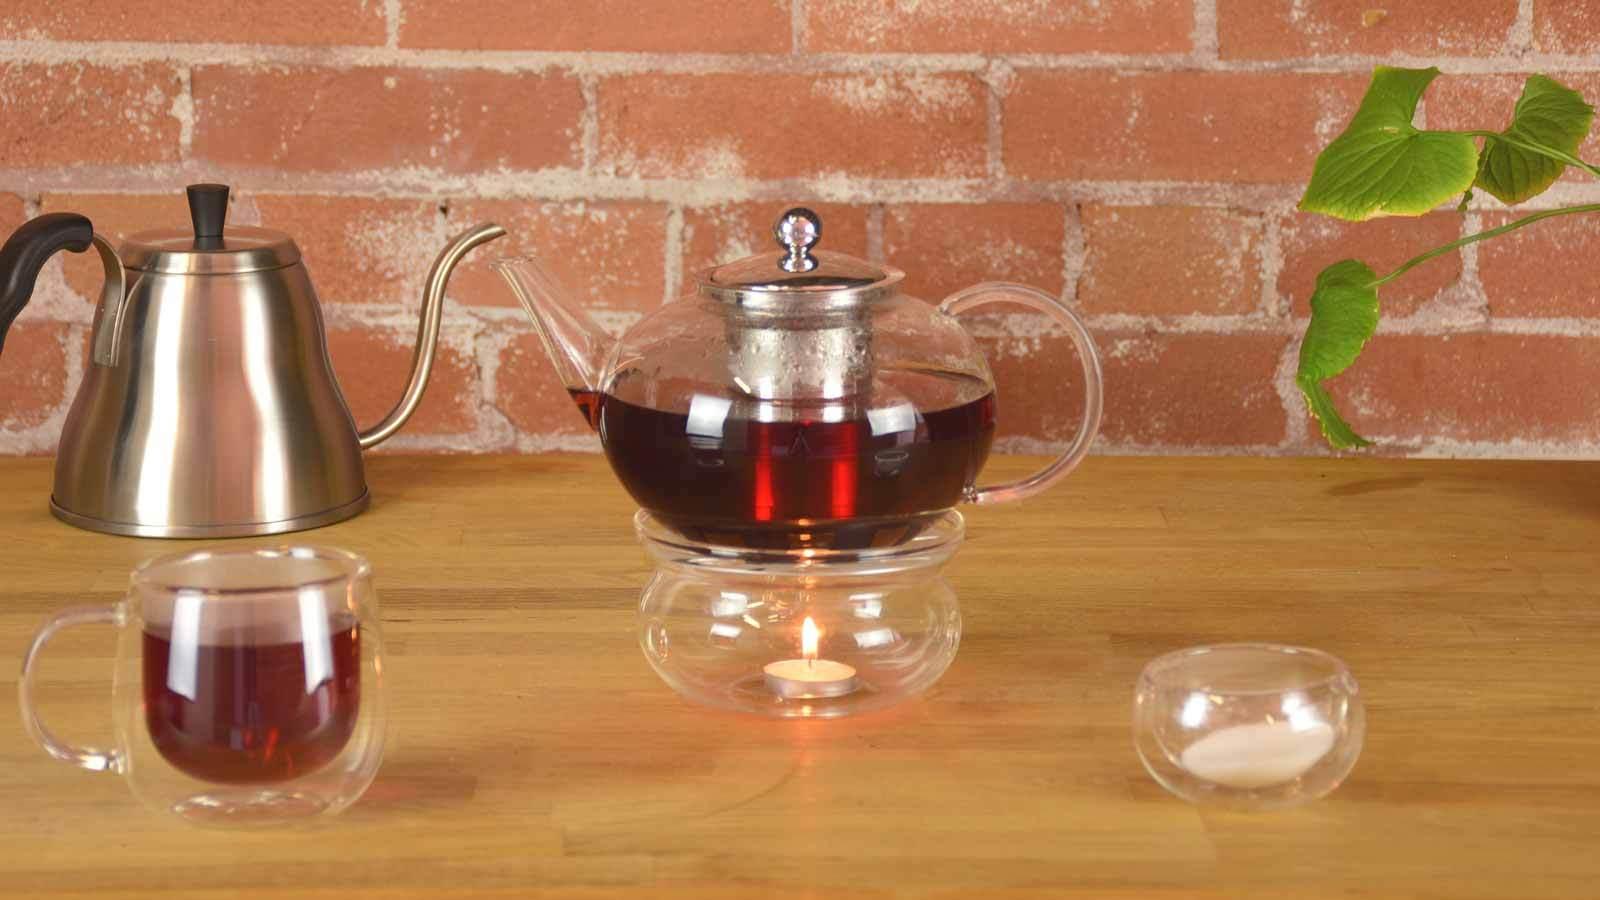 بهترین چای قلم شمال